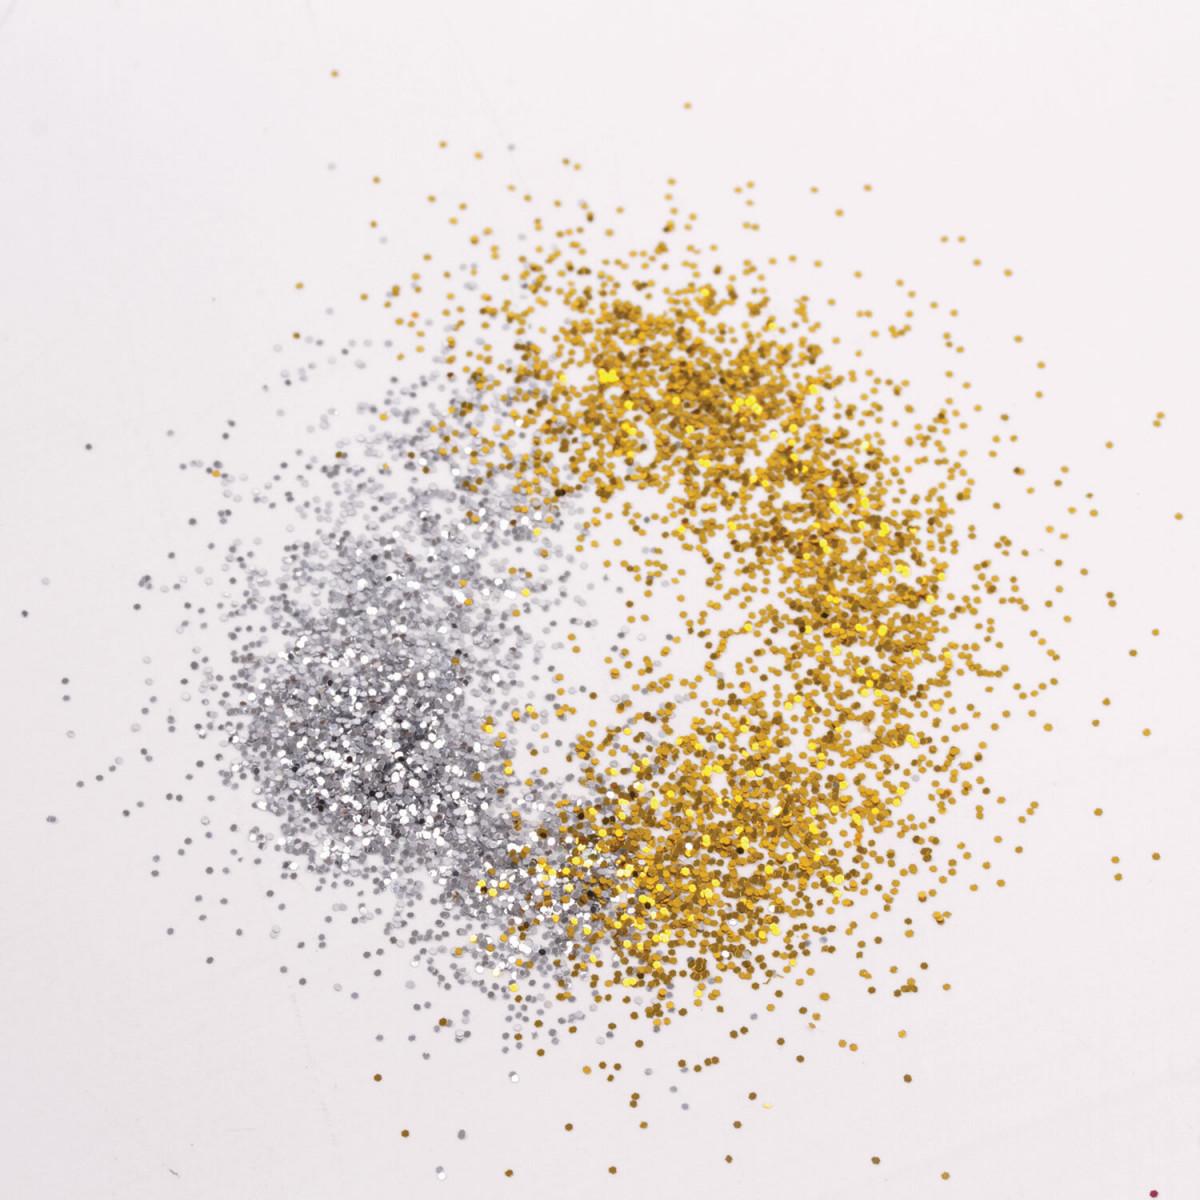 Блестки (глиттер) для декора, поделок, DIY, творчества, оформления, ОСТРОВ СОКРОВИЩ, НАБОР золото, серебро, 6 шт по 6,5 г, блистер, 662228 (арт. 662228)